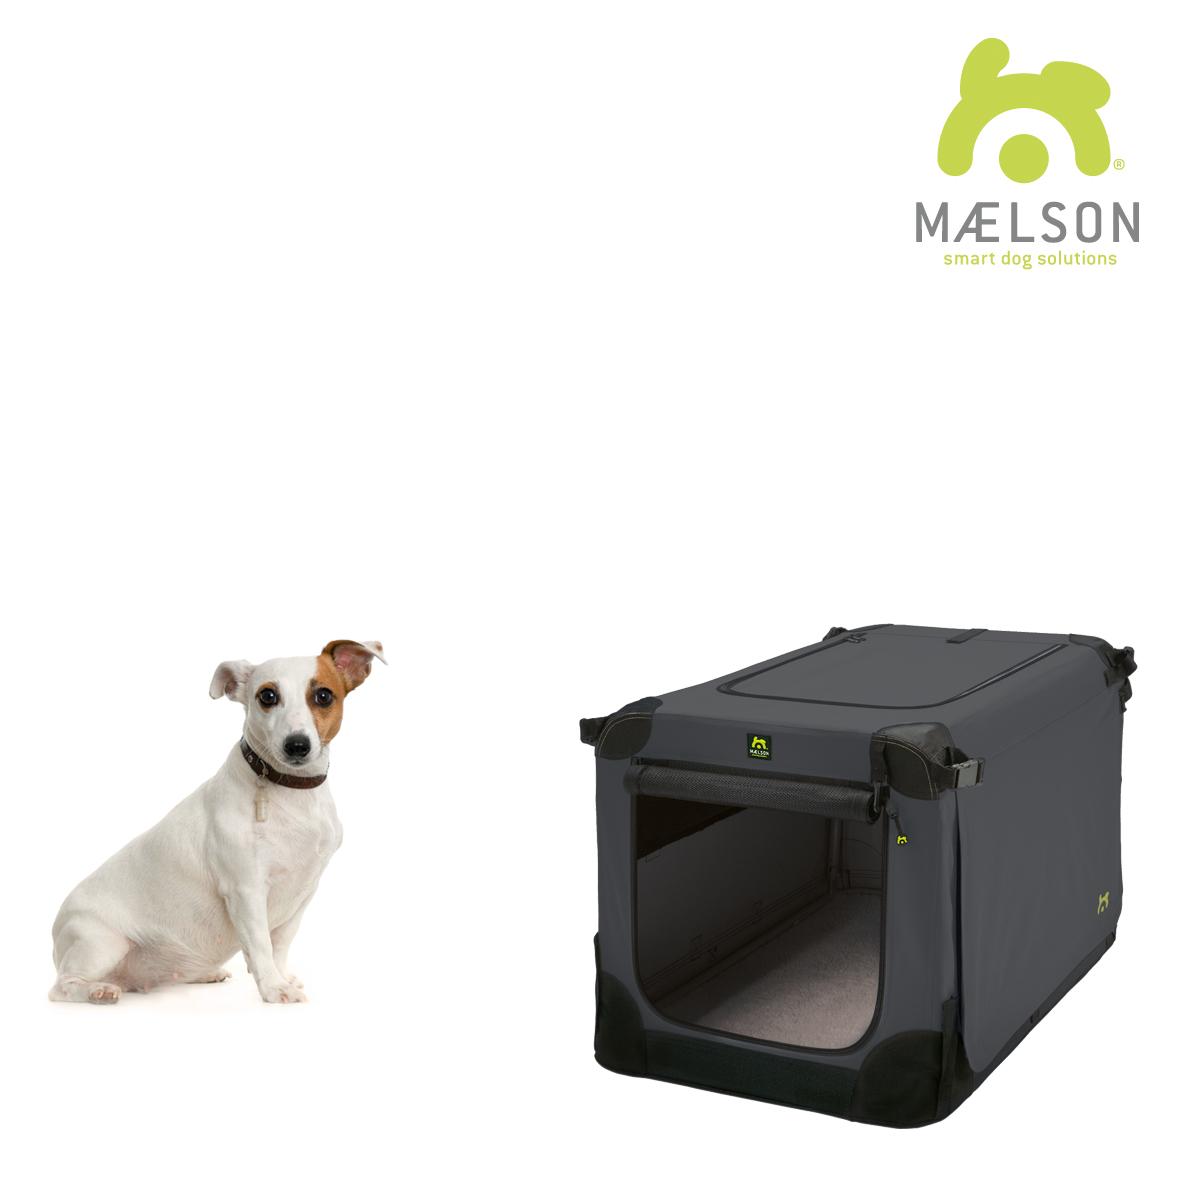 Přepravka pro psy Maelson - černo-antracitová - S, 62x41x41 cm